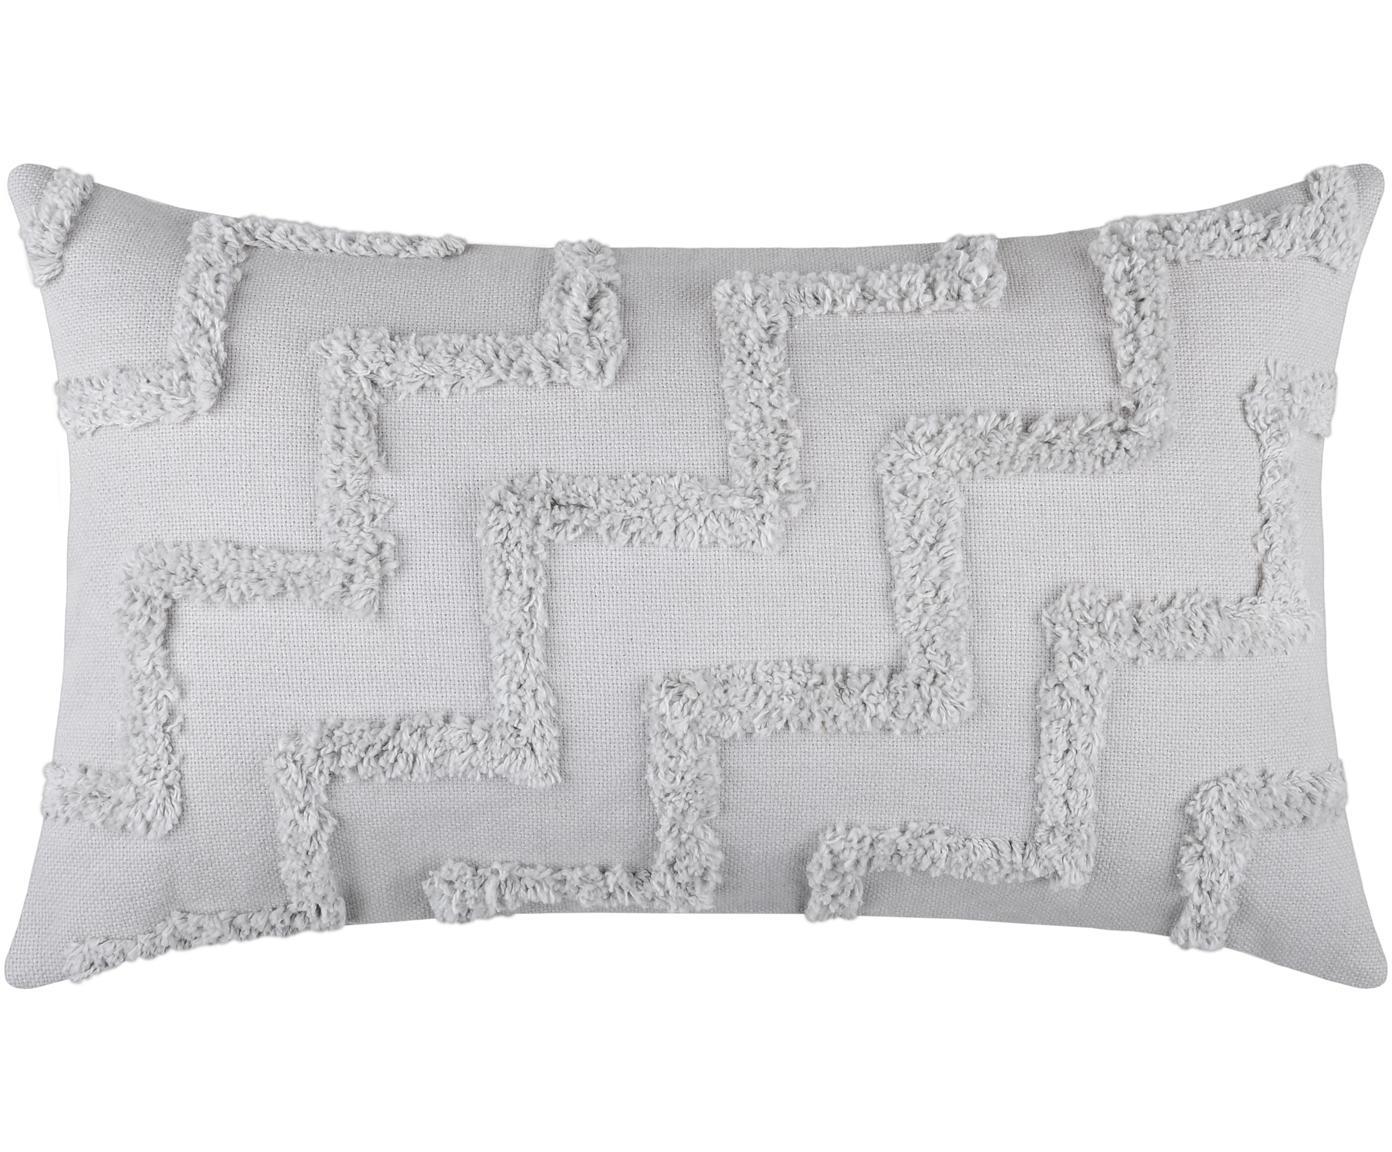 Boho Kissen Tiksi mit getufteten Verzierungen, mit Inlett, Bezug: Baumwolle, Grau, 30 x 50 cm